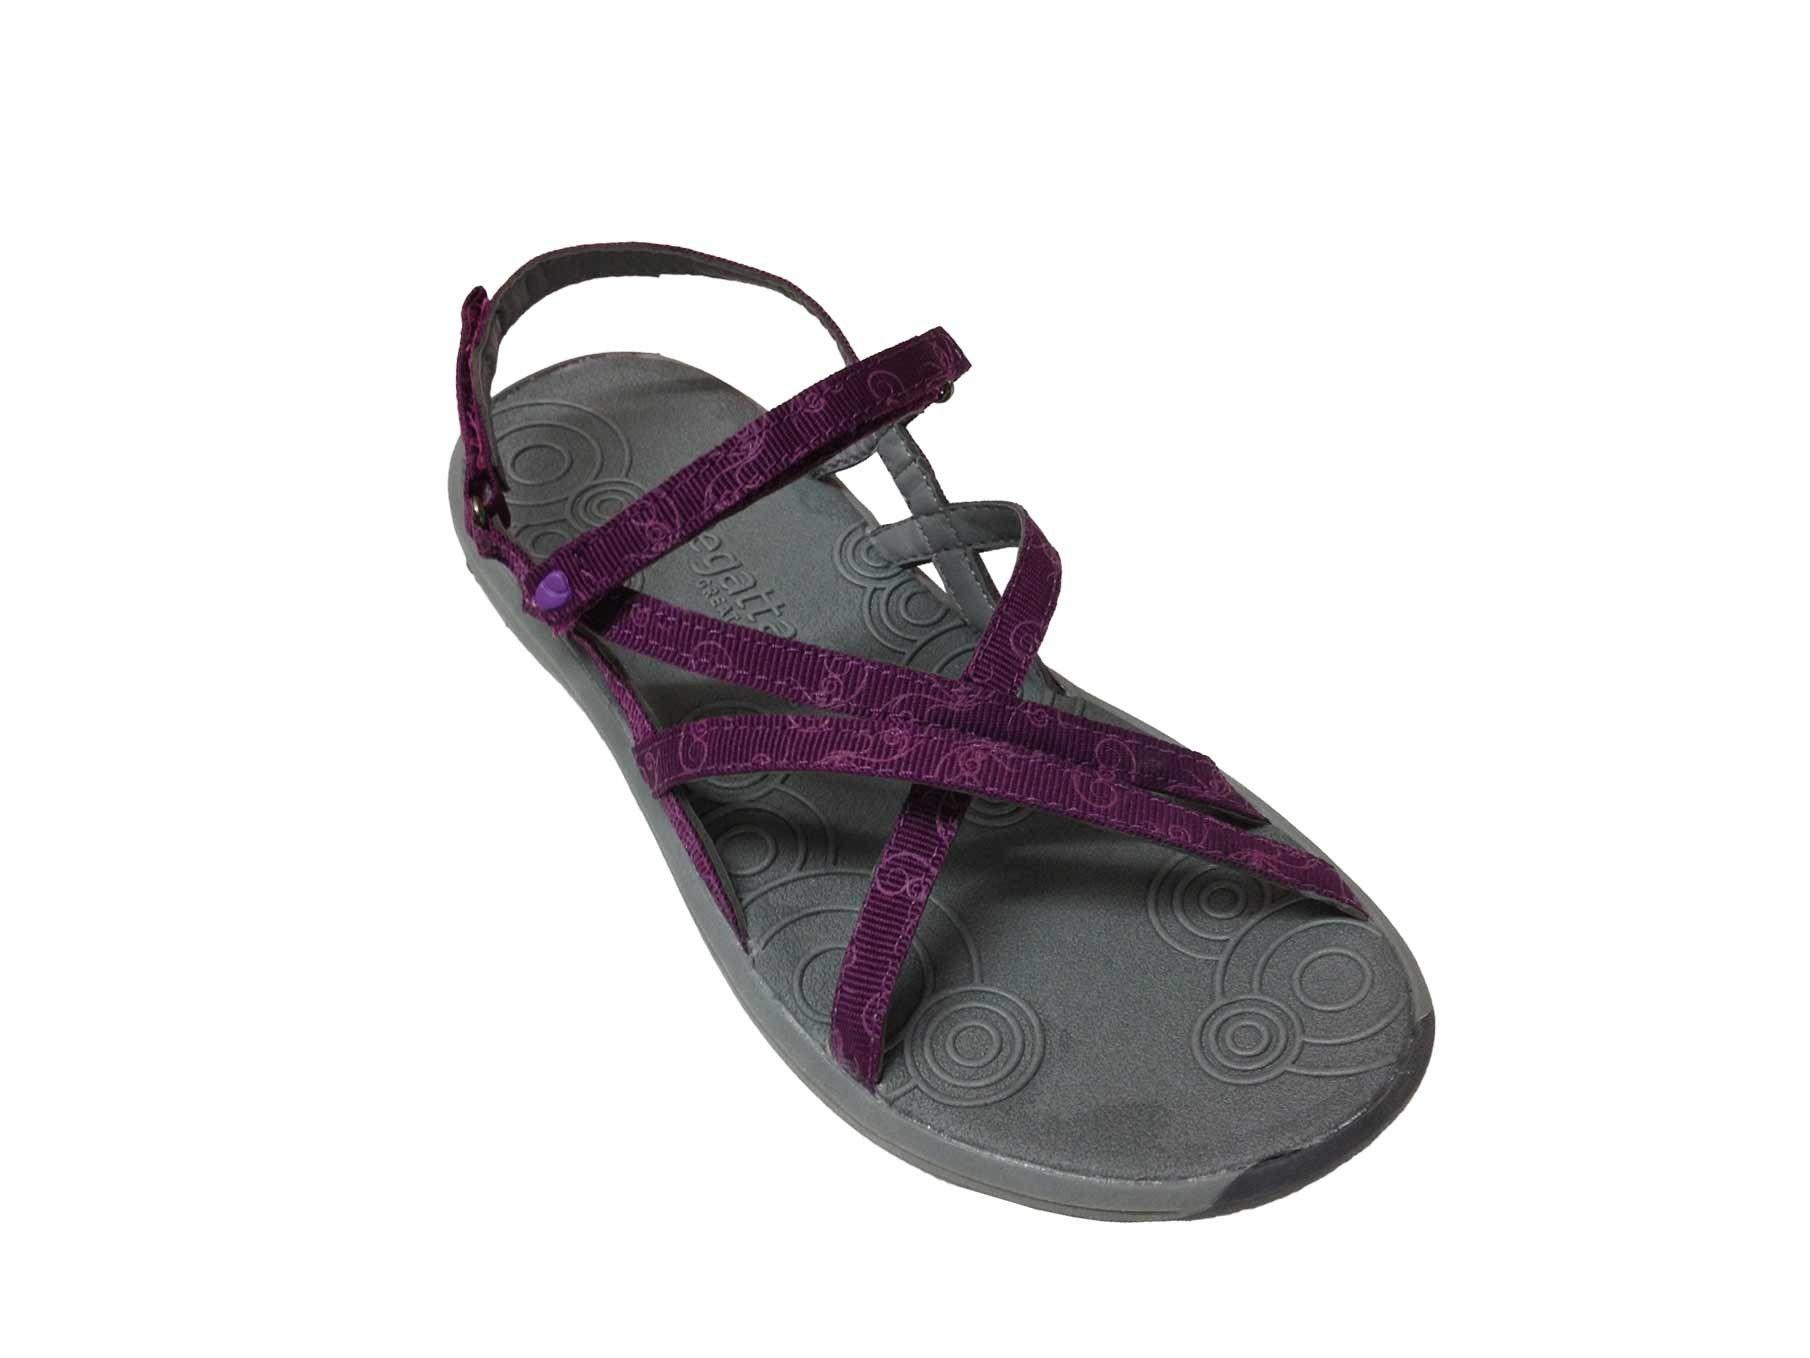 Zapatos negros Regatta para mujer NWWM9wWOc